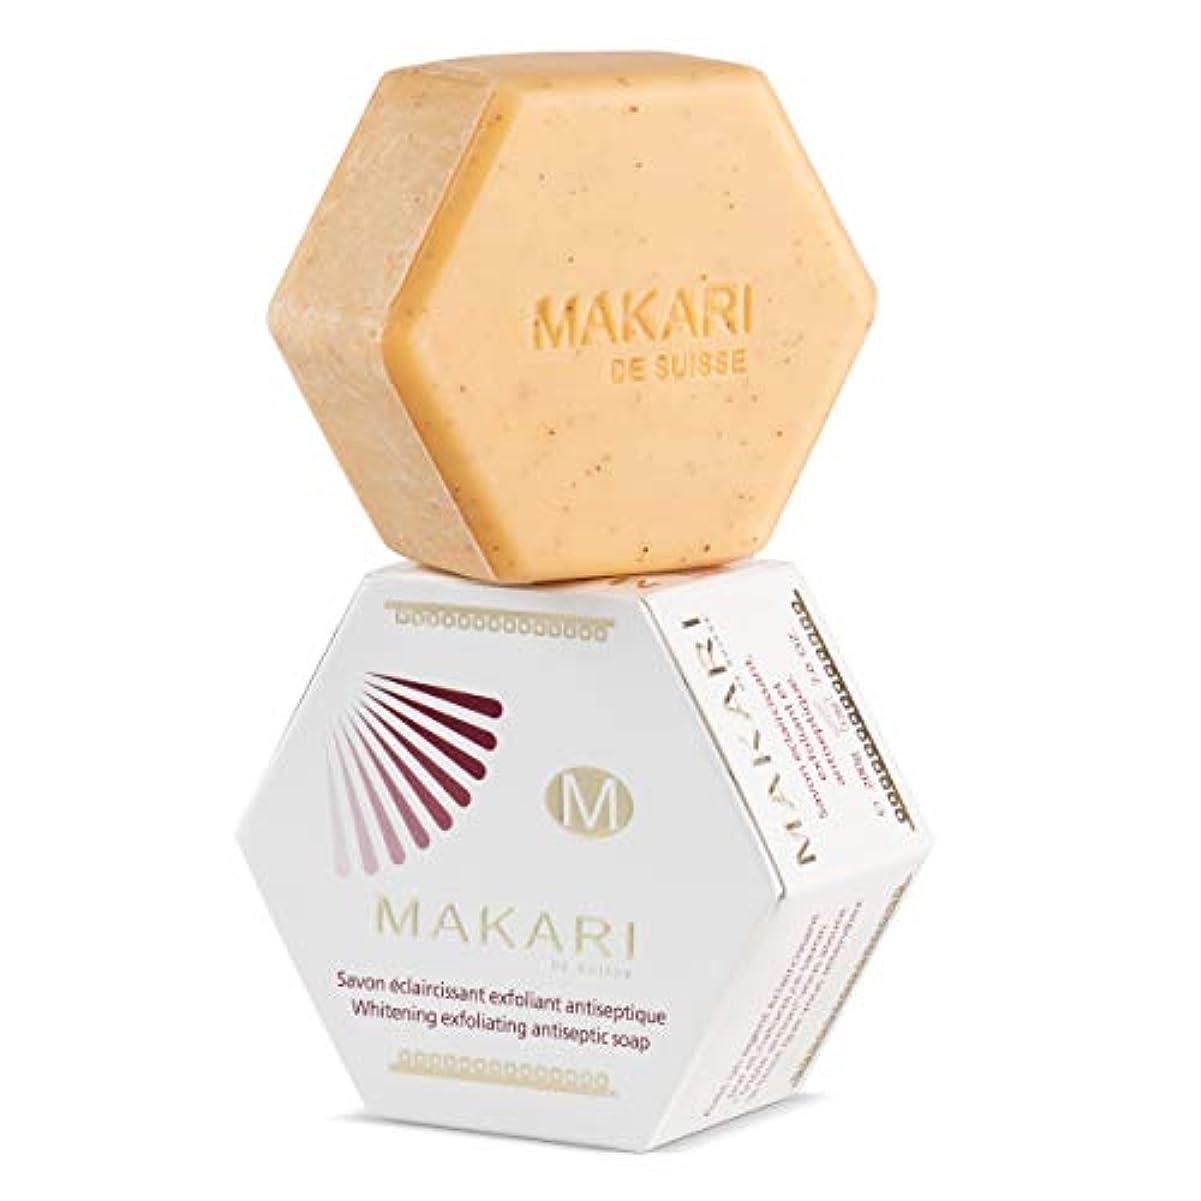 ウォルターカニンガム打ち上げるスピンMAKARI Classic Whitening Exfoliating Antiseptic Soap 7 Oz.– Cleansing & Moisturizing Bar Soap For Face & Body...